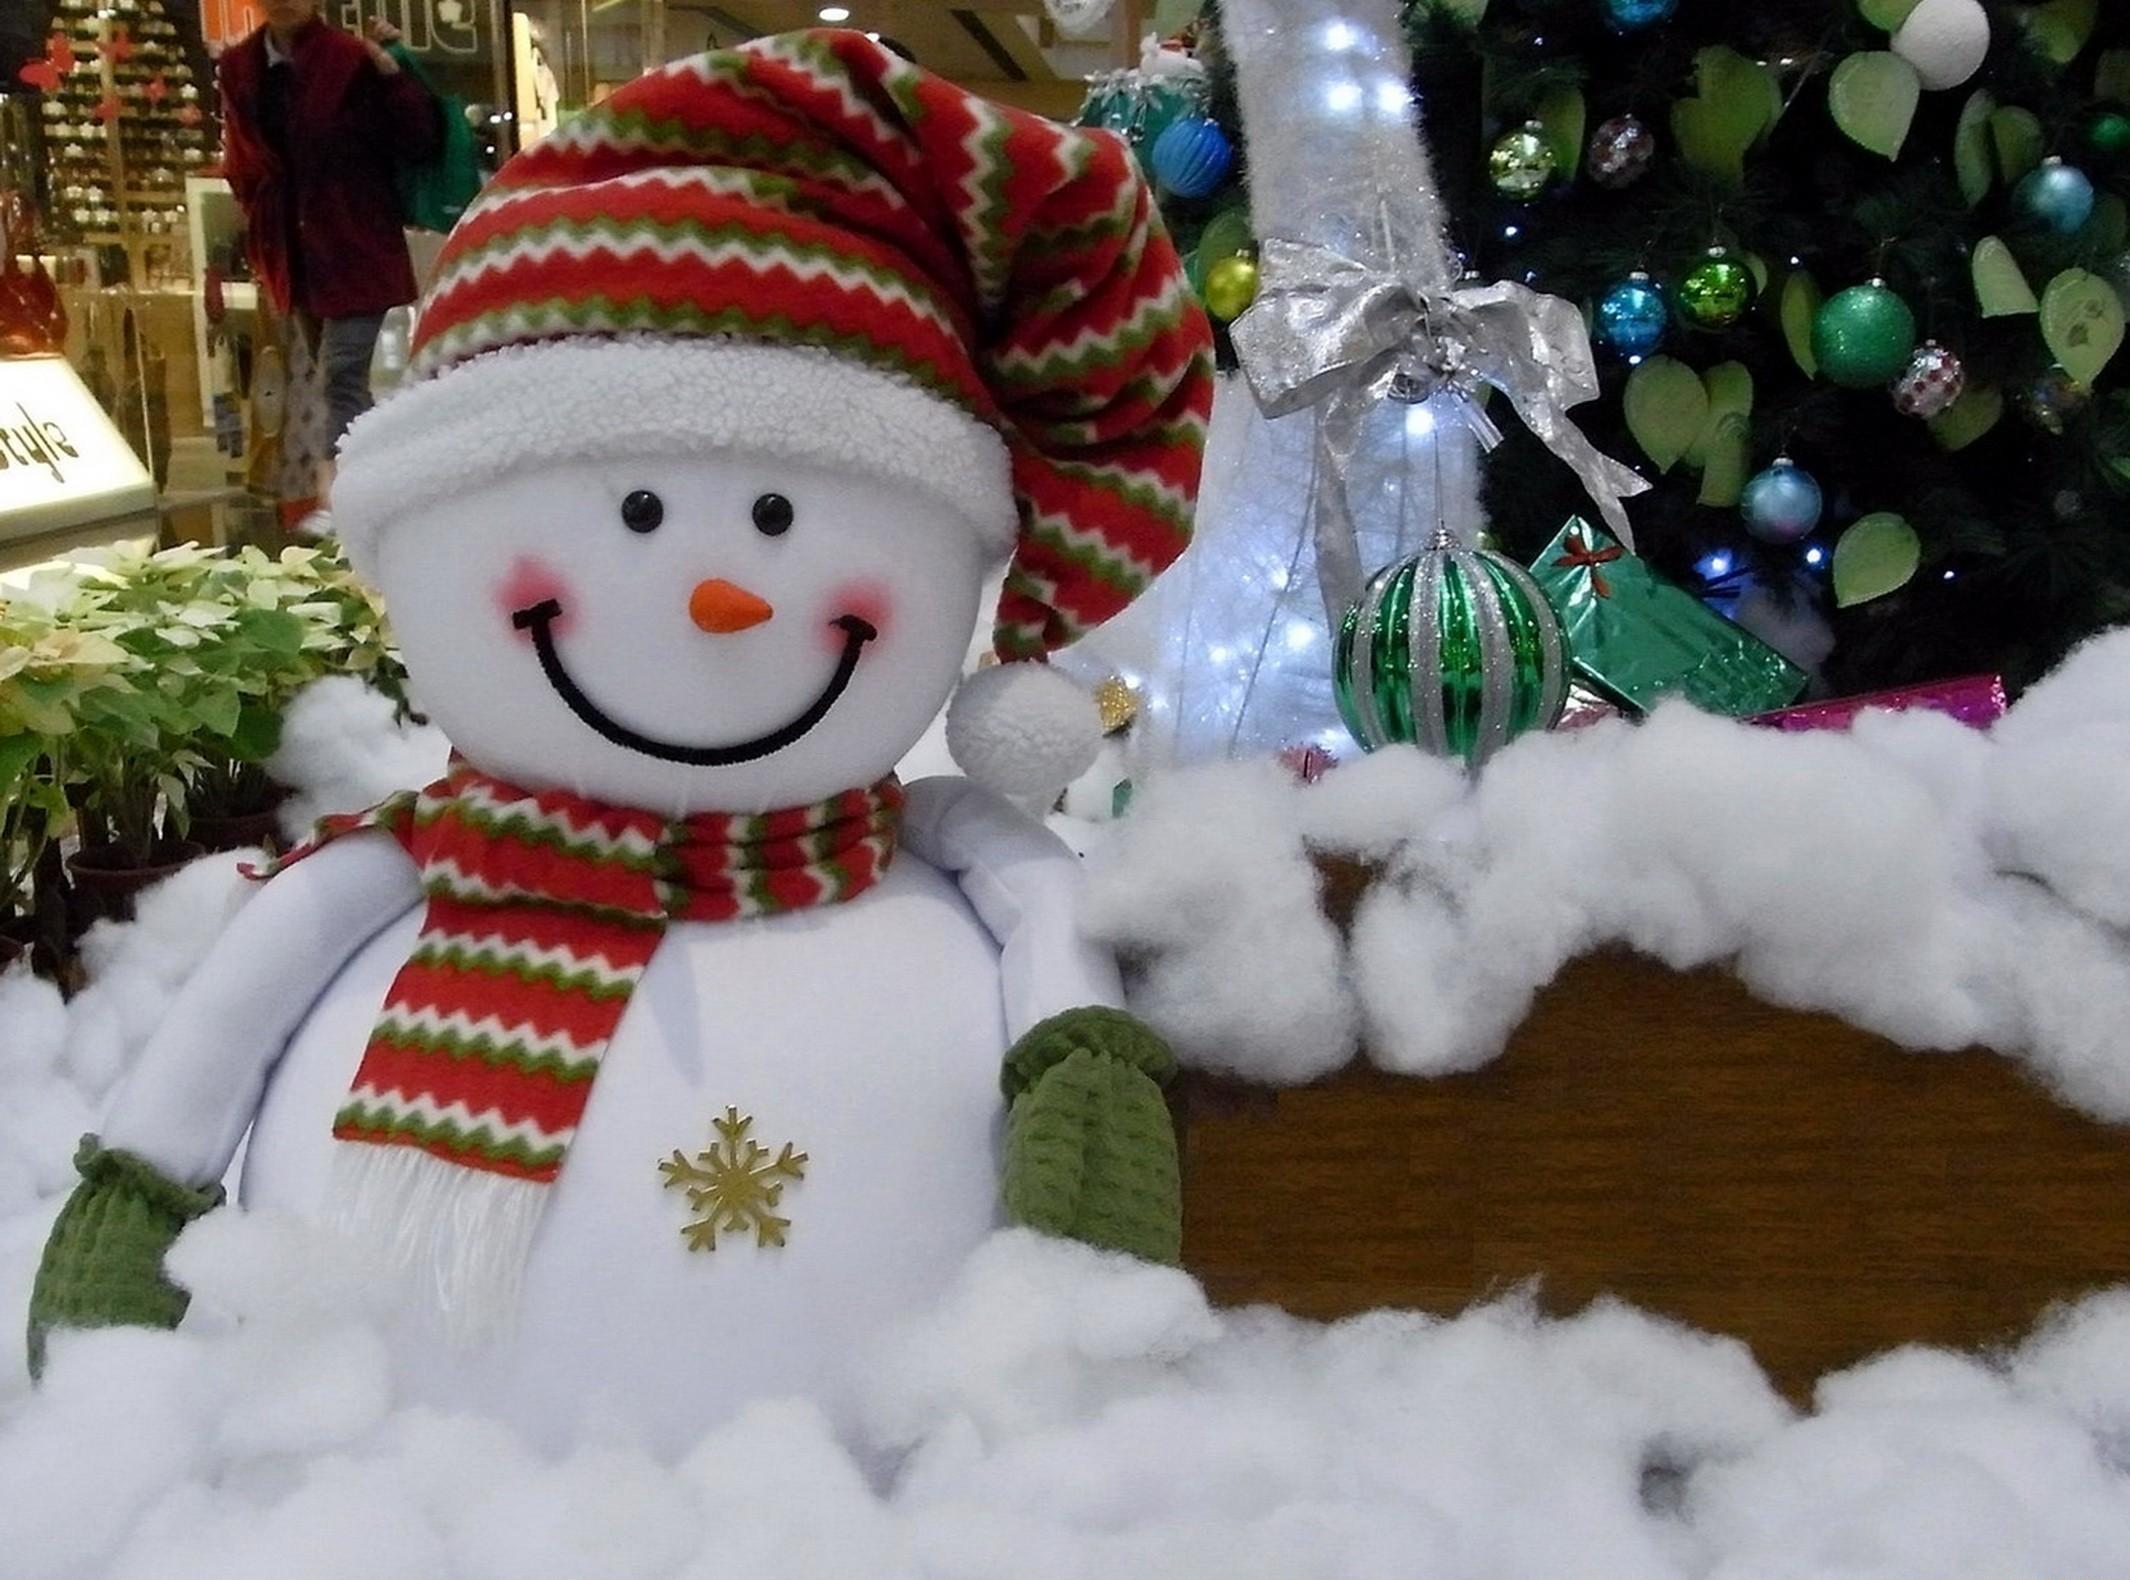 143819 Hintergrundbild 240x320 kostenlos auf deinem Handy, lade Bilder Weihnachten, Feiertage, Neujahr, Schneemann, Neues Jahr, Urlaub, Lächeln, Weihnachtsbaum, Die Geschenke, Geschenke, Baumwolle, Watte 240x320 auf dein Handy herunter